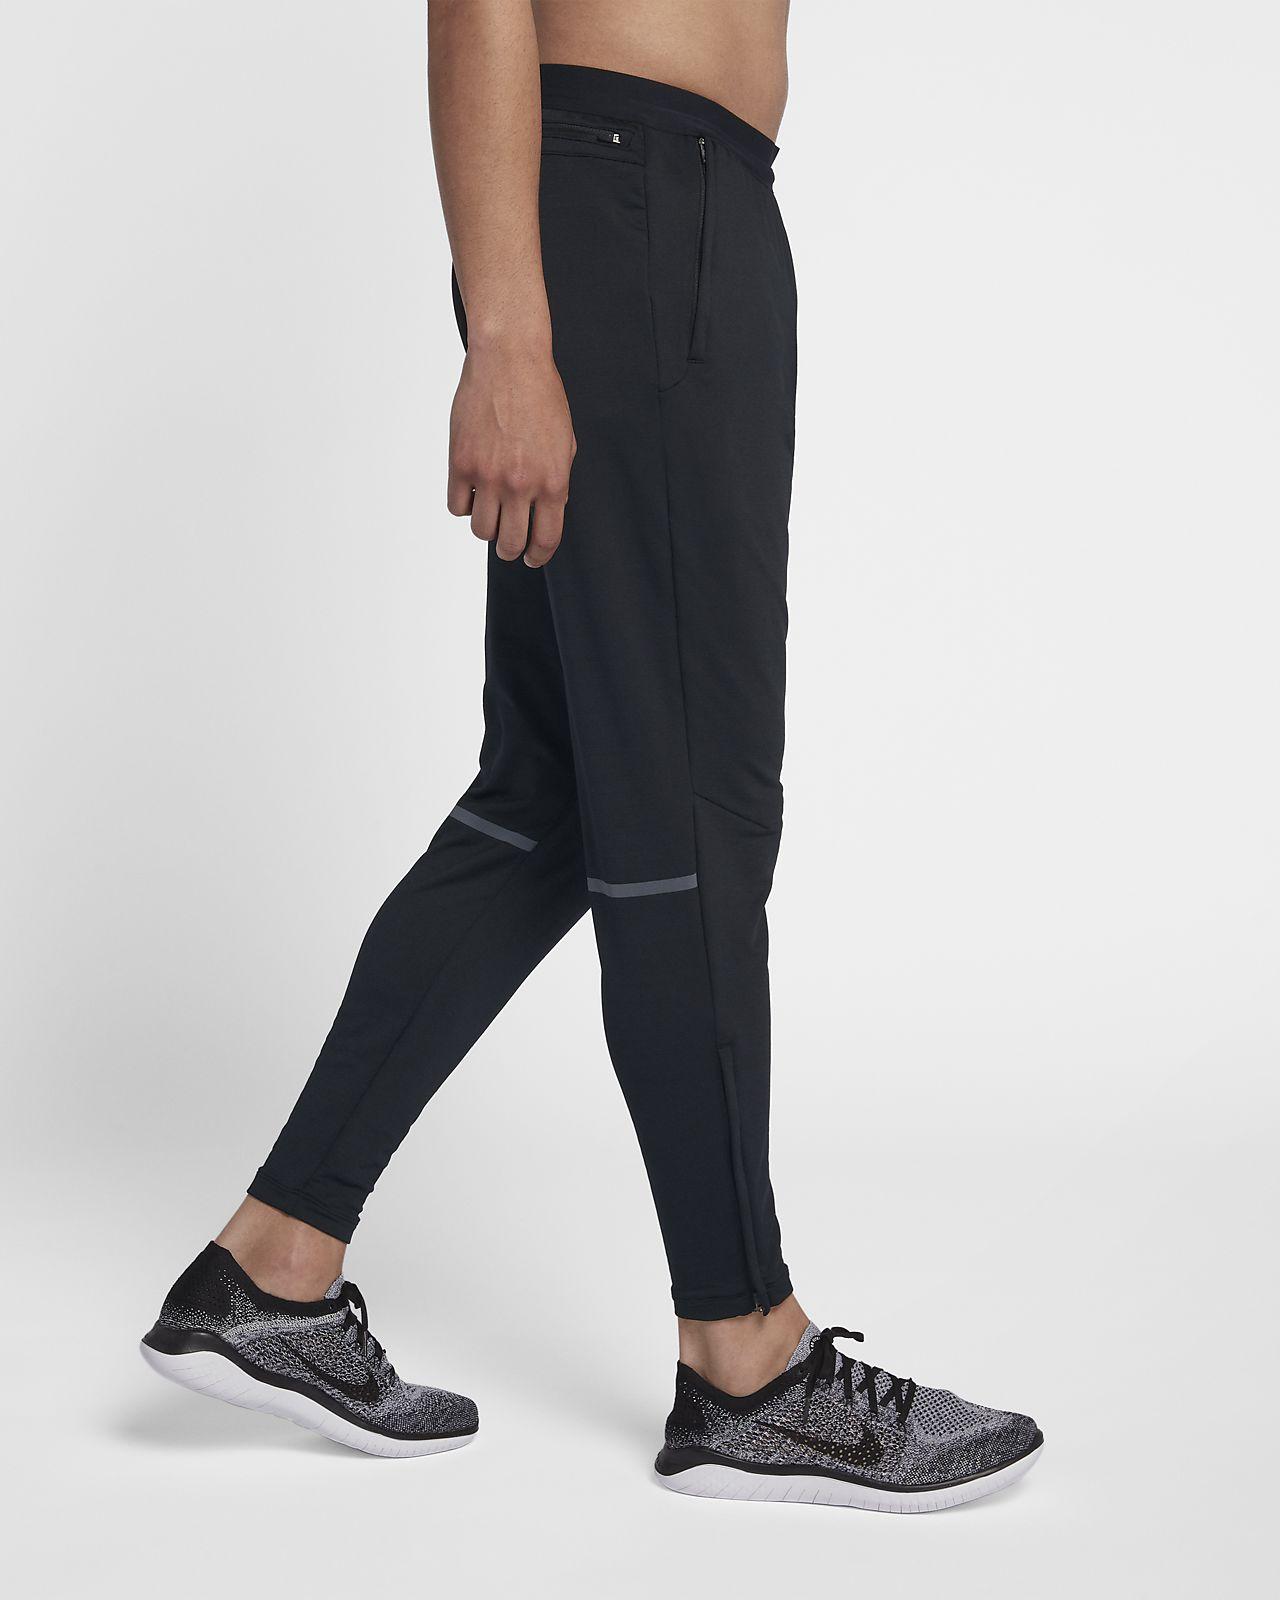 eda2e64903ef14 Nike Phenom Herren-Laufhose. Nike.com DE